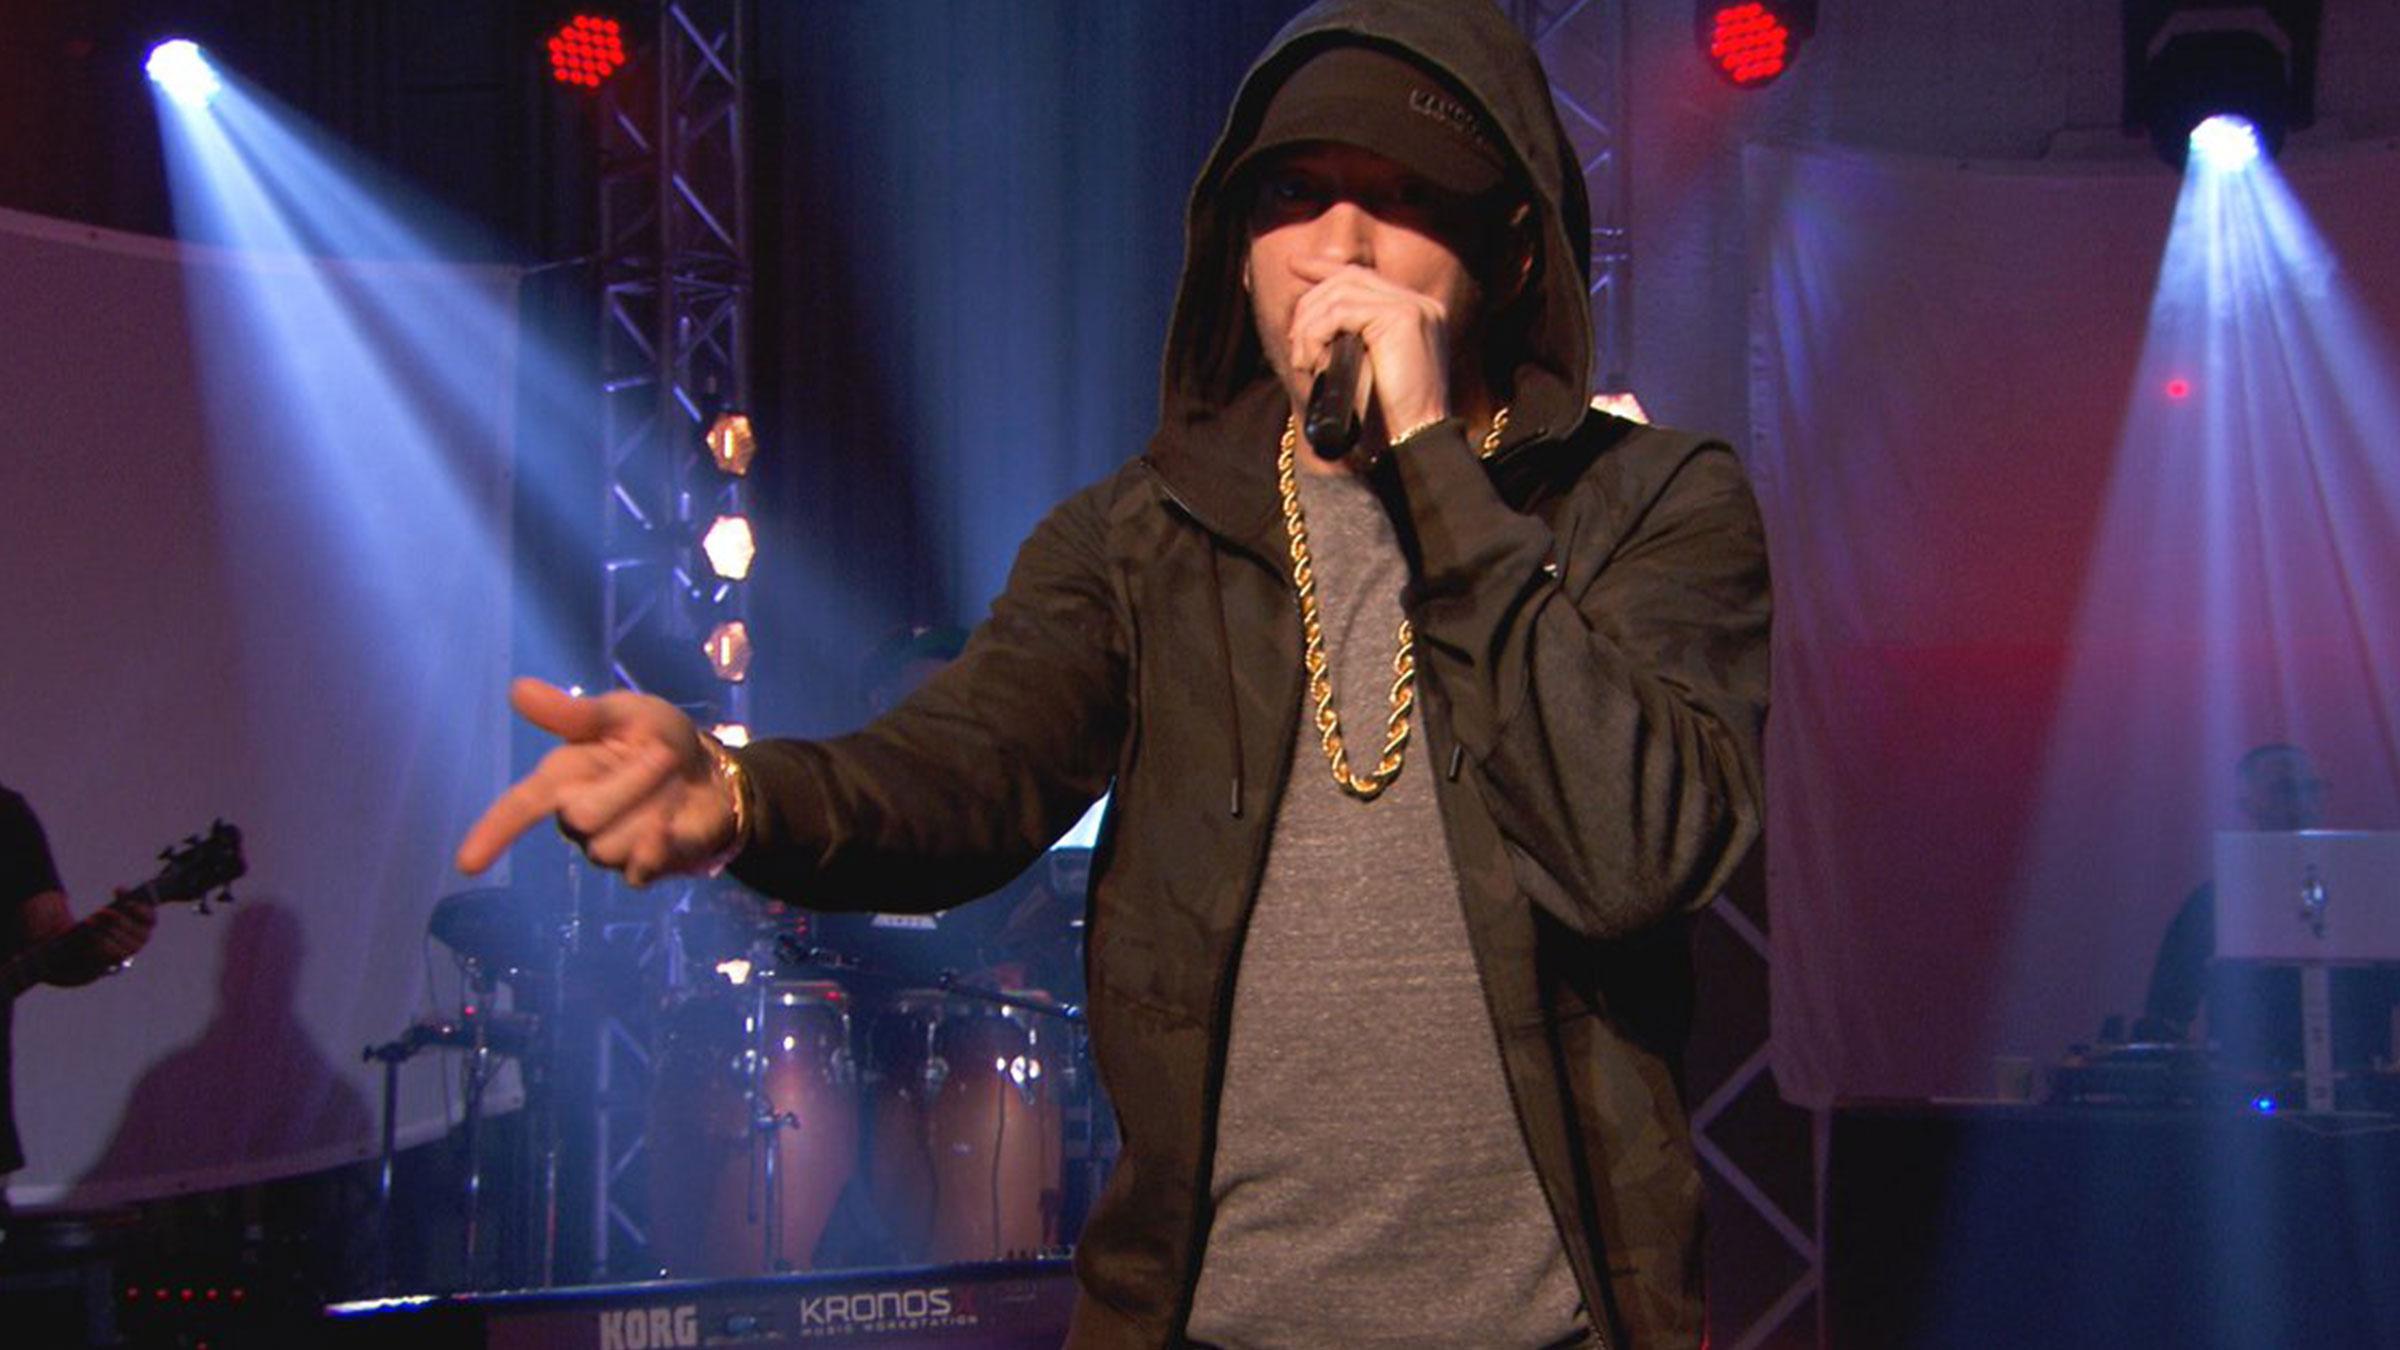 Eminemanniehome